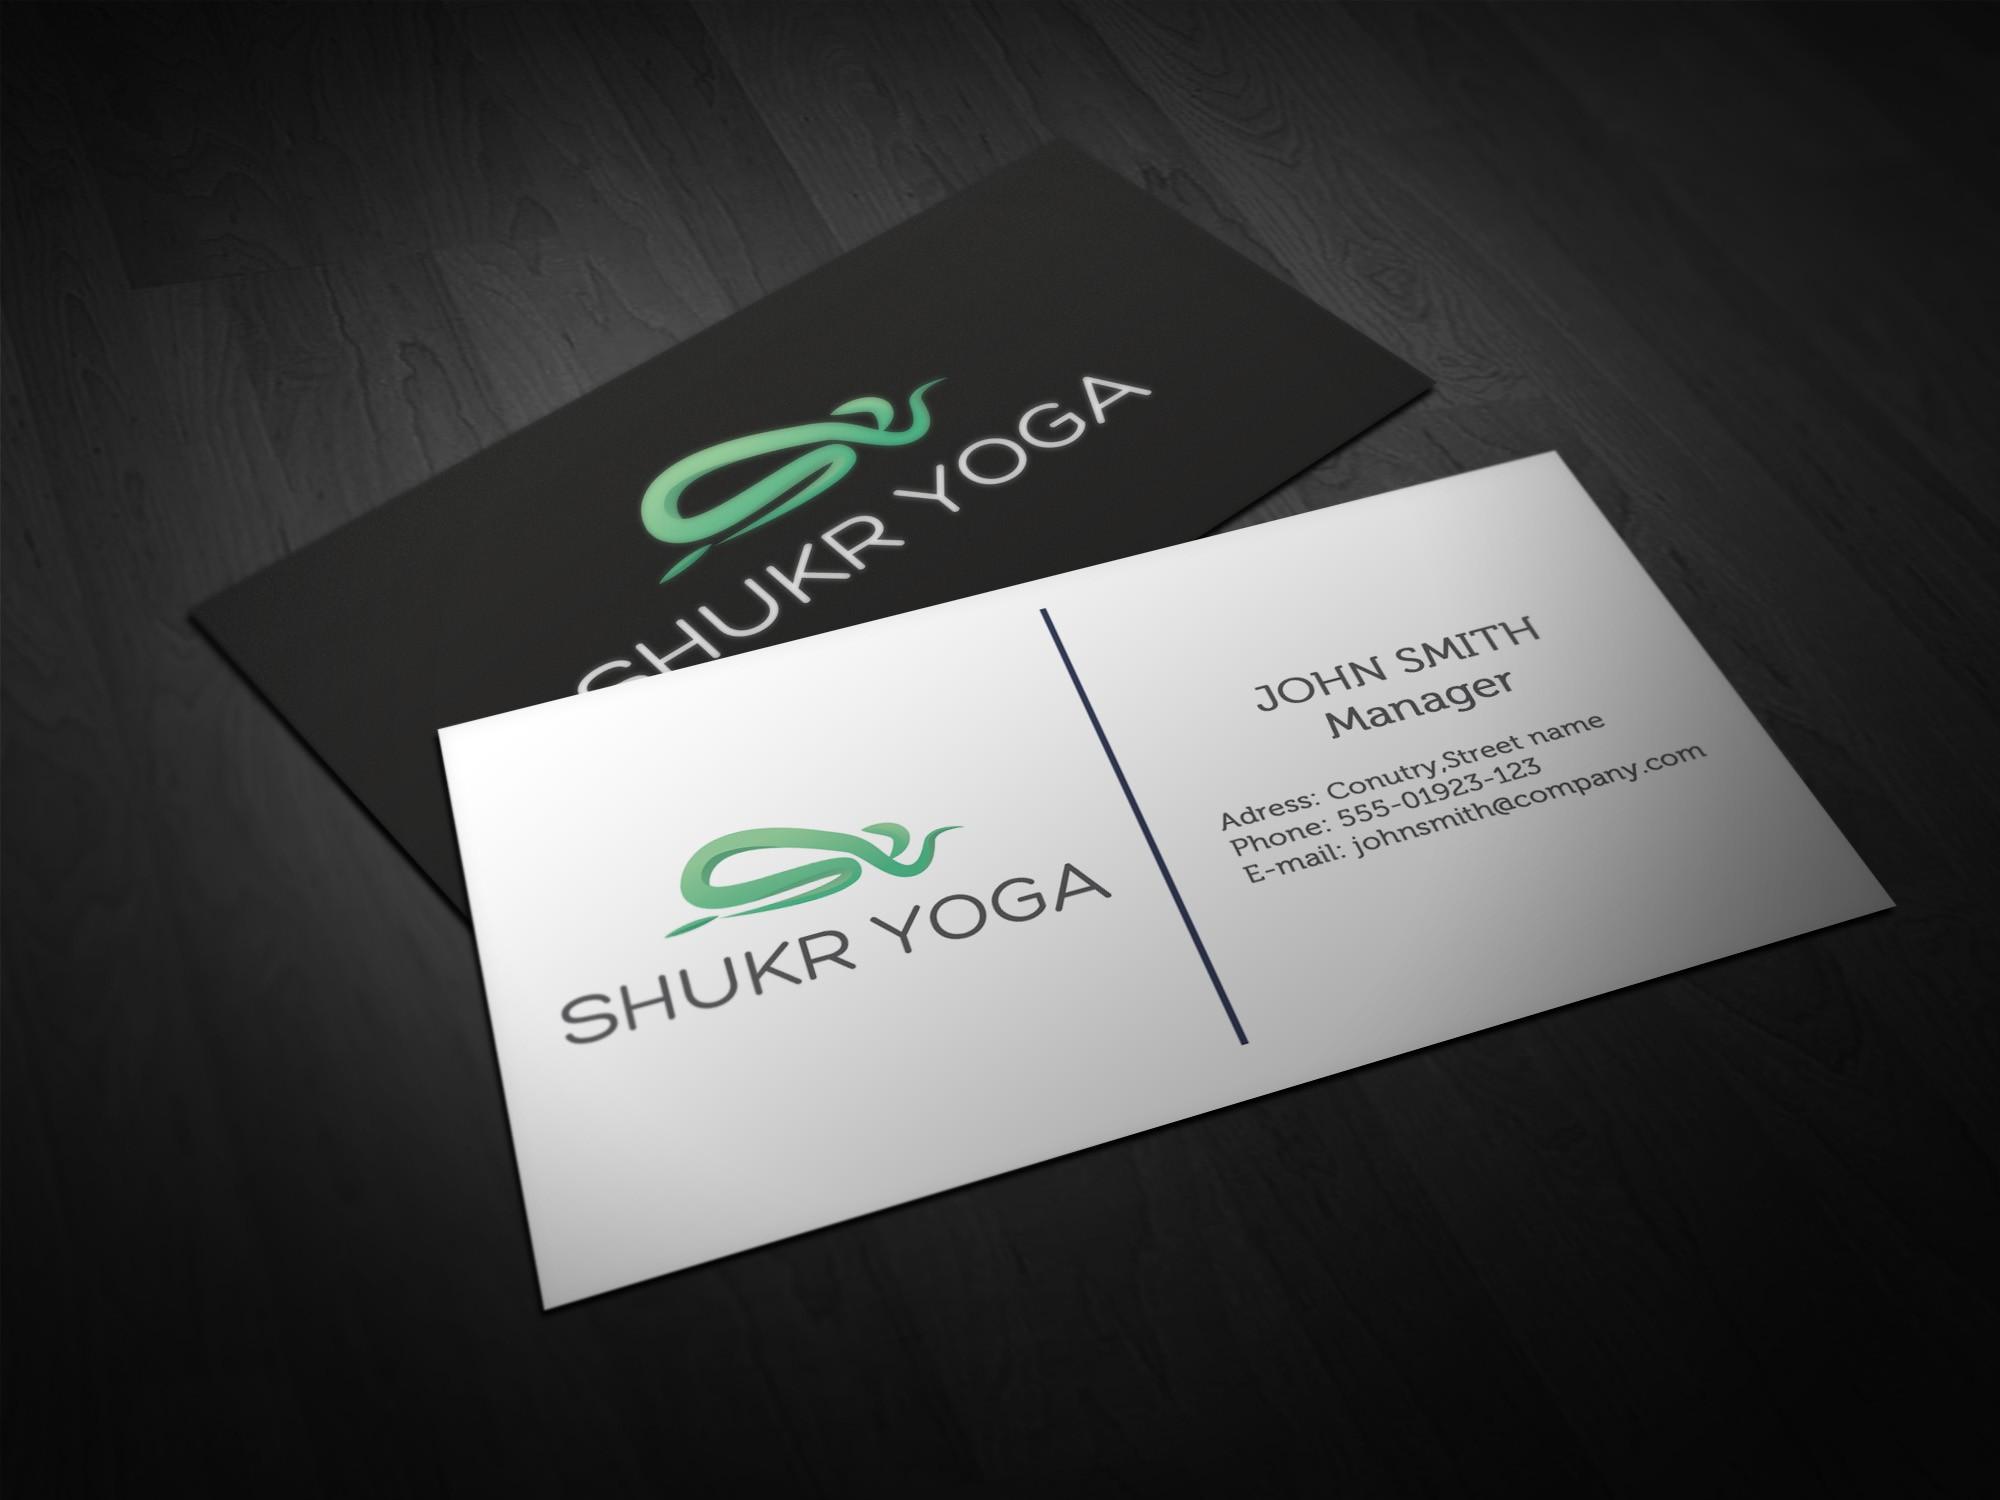 logo for Shukr yoga